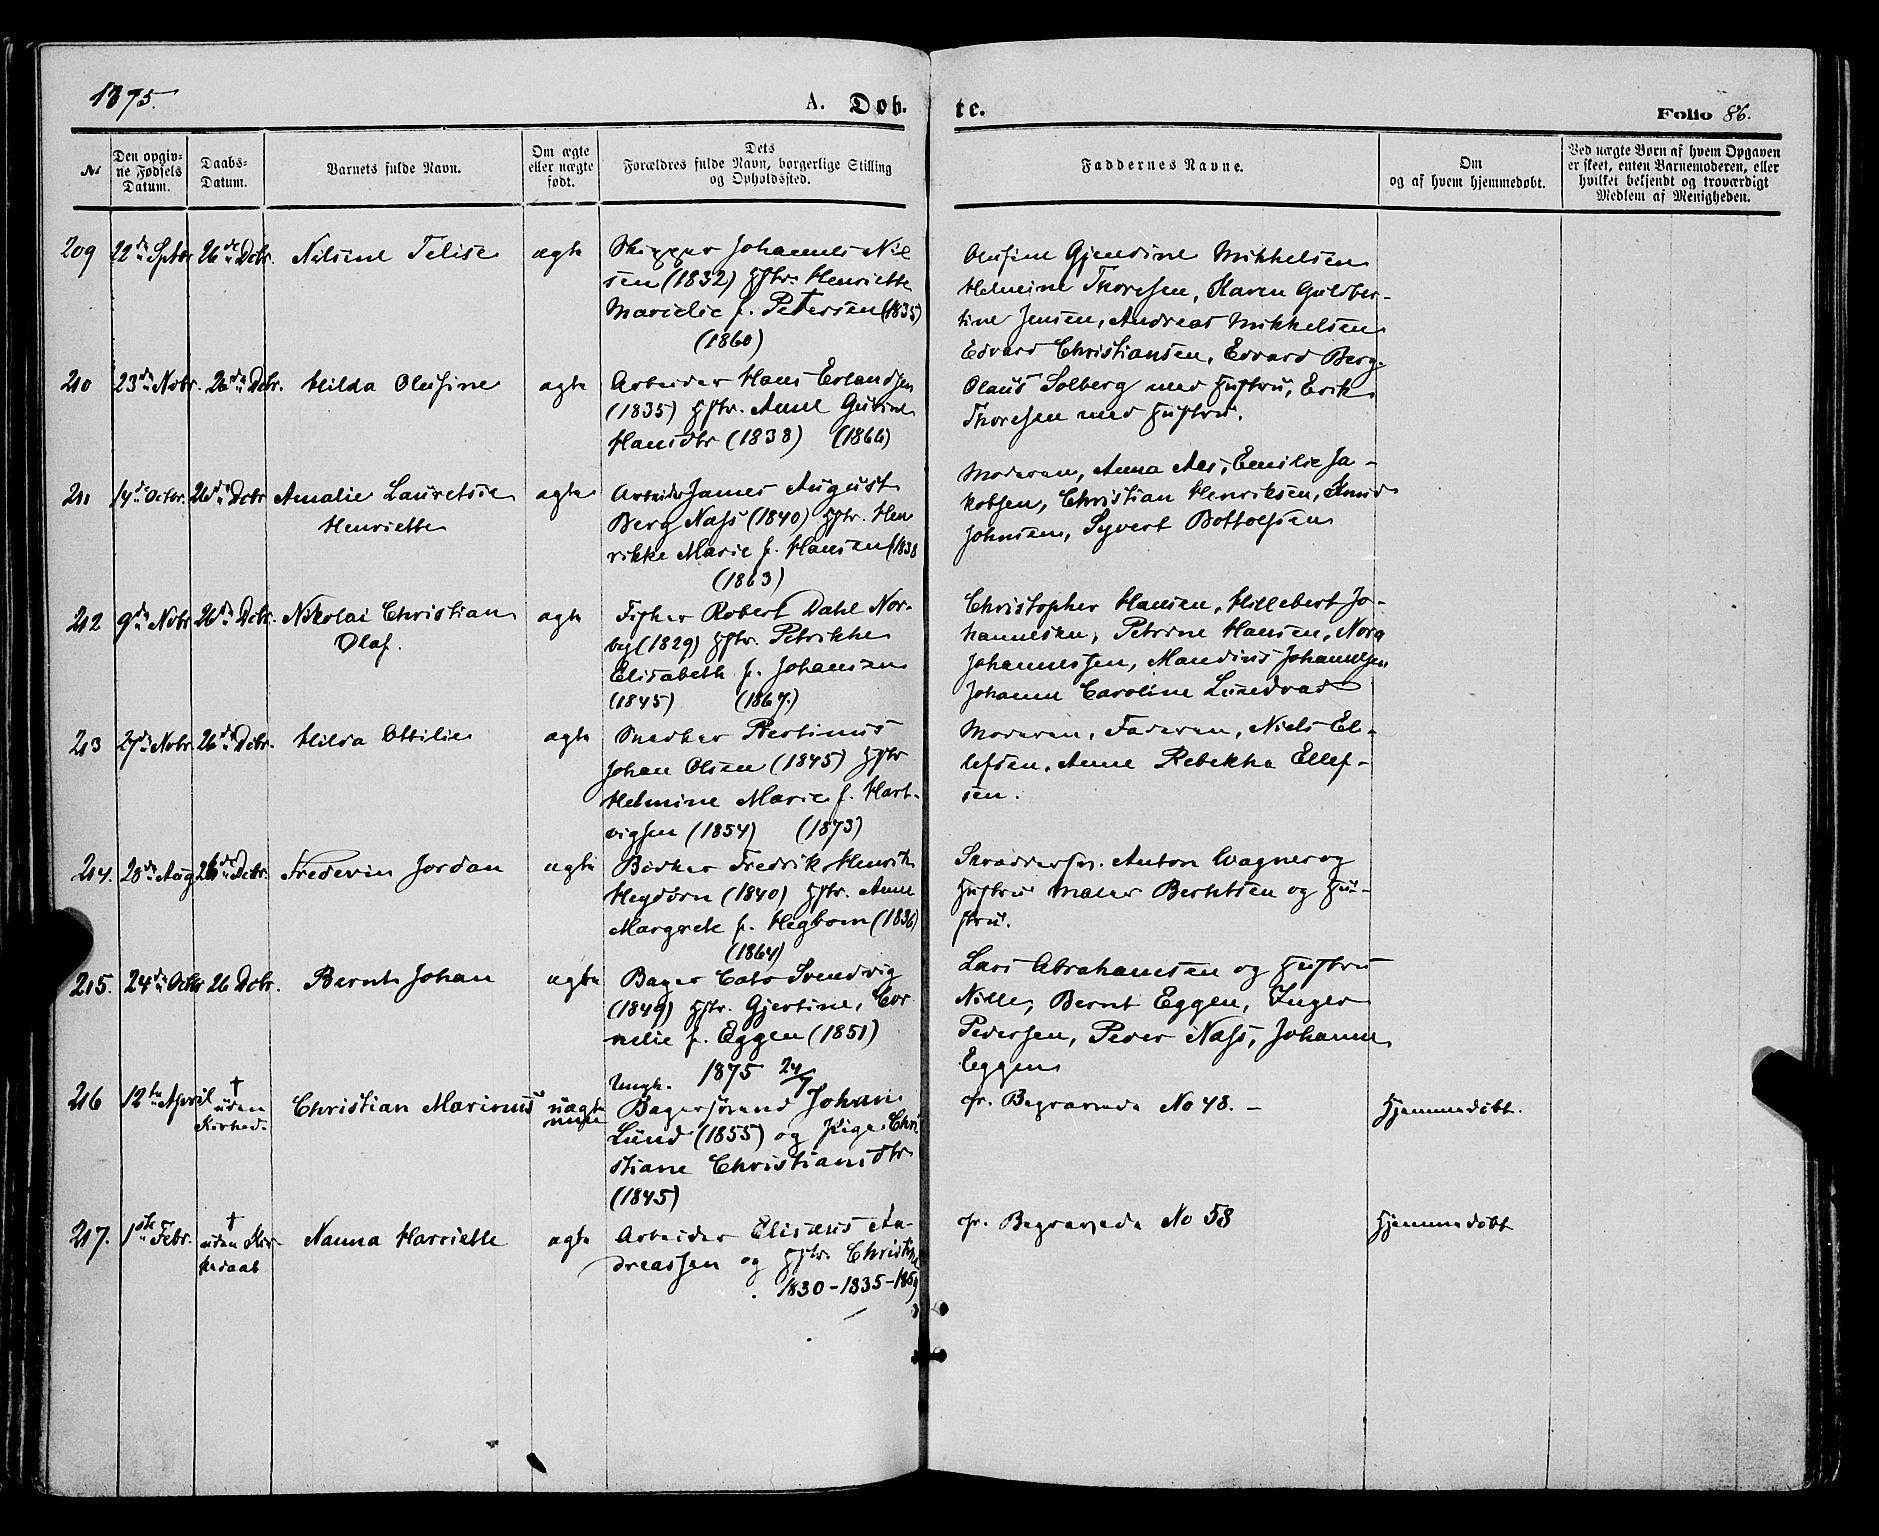 SATØ, Tromsø sokneprestkontor/stiftsprosti/domprosti, G/Ga/L0013kirke: Ministerialbok nr. 13, 1872-1877, s. 86